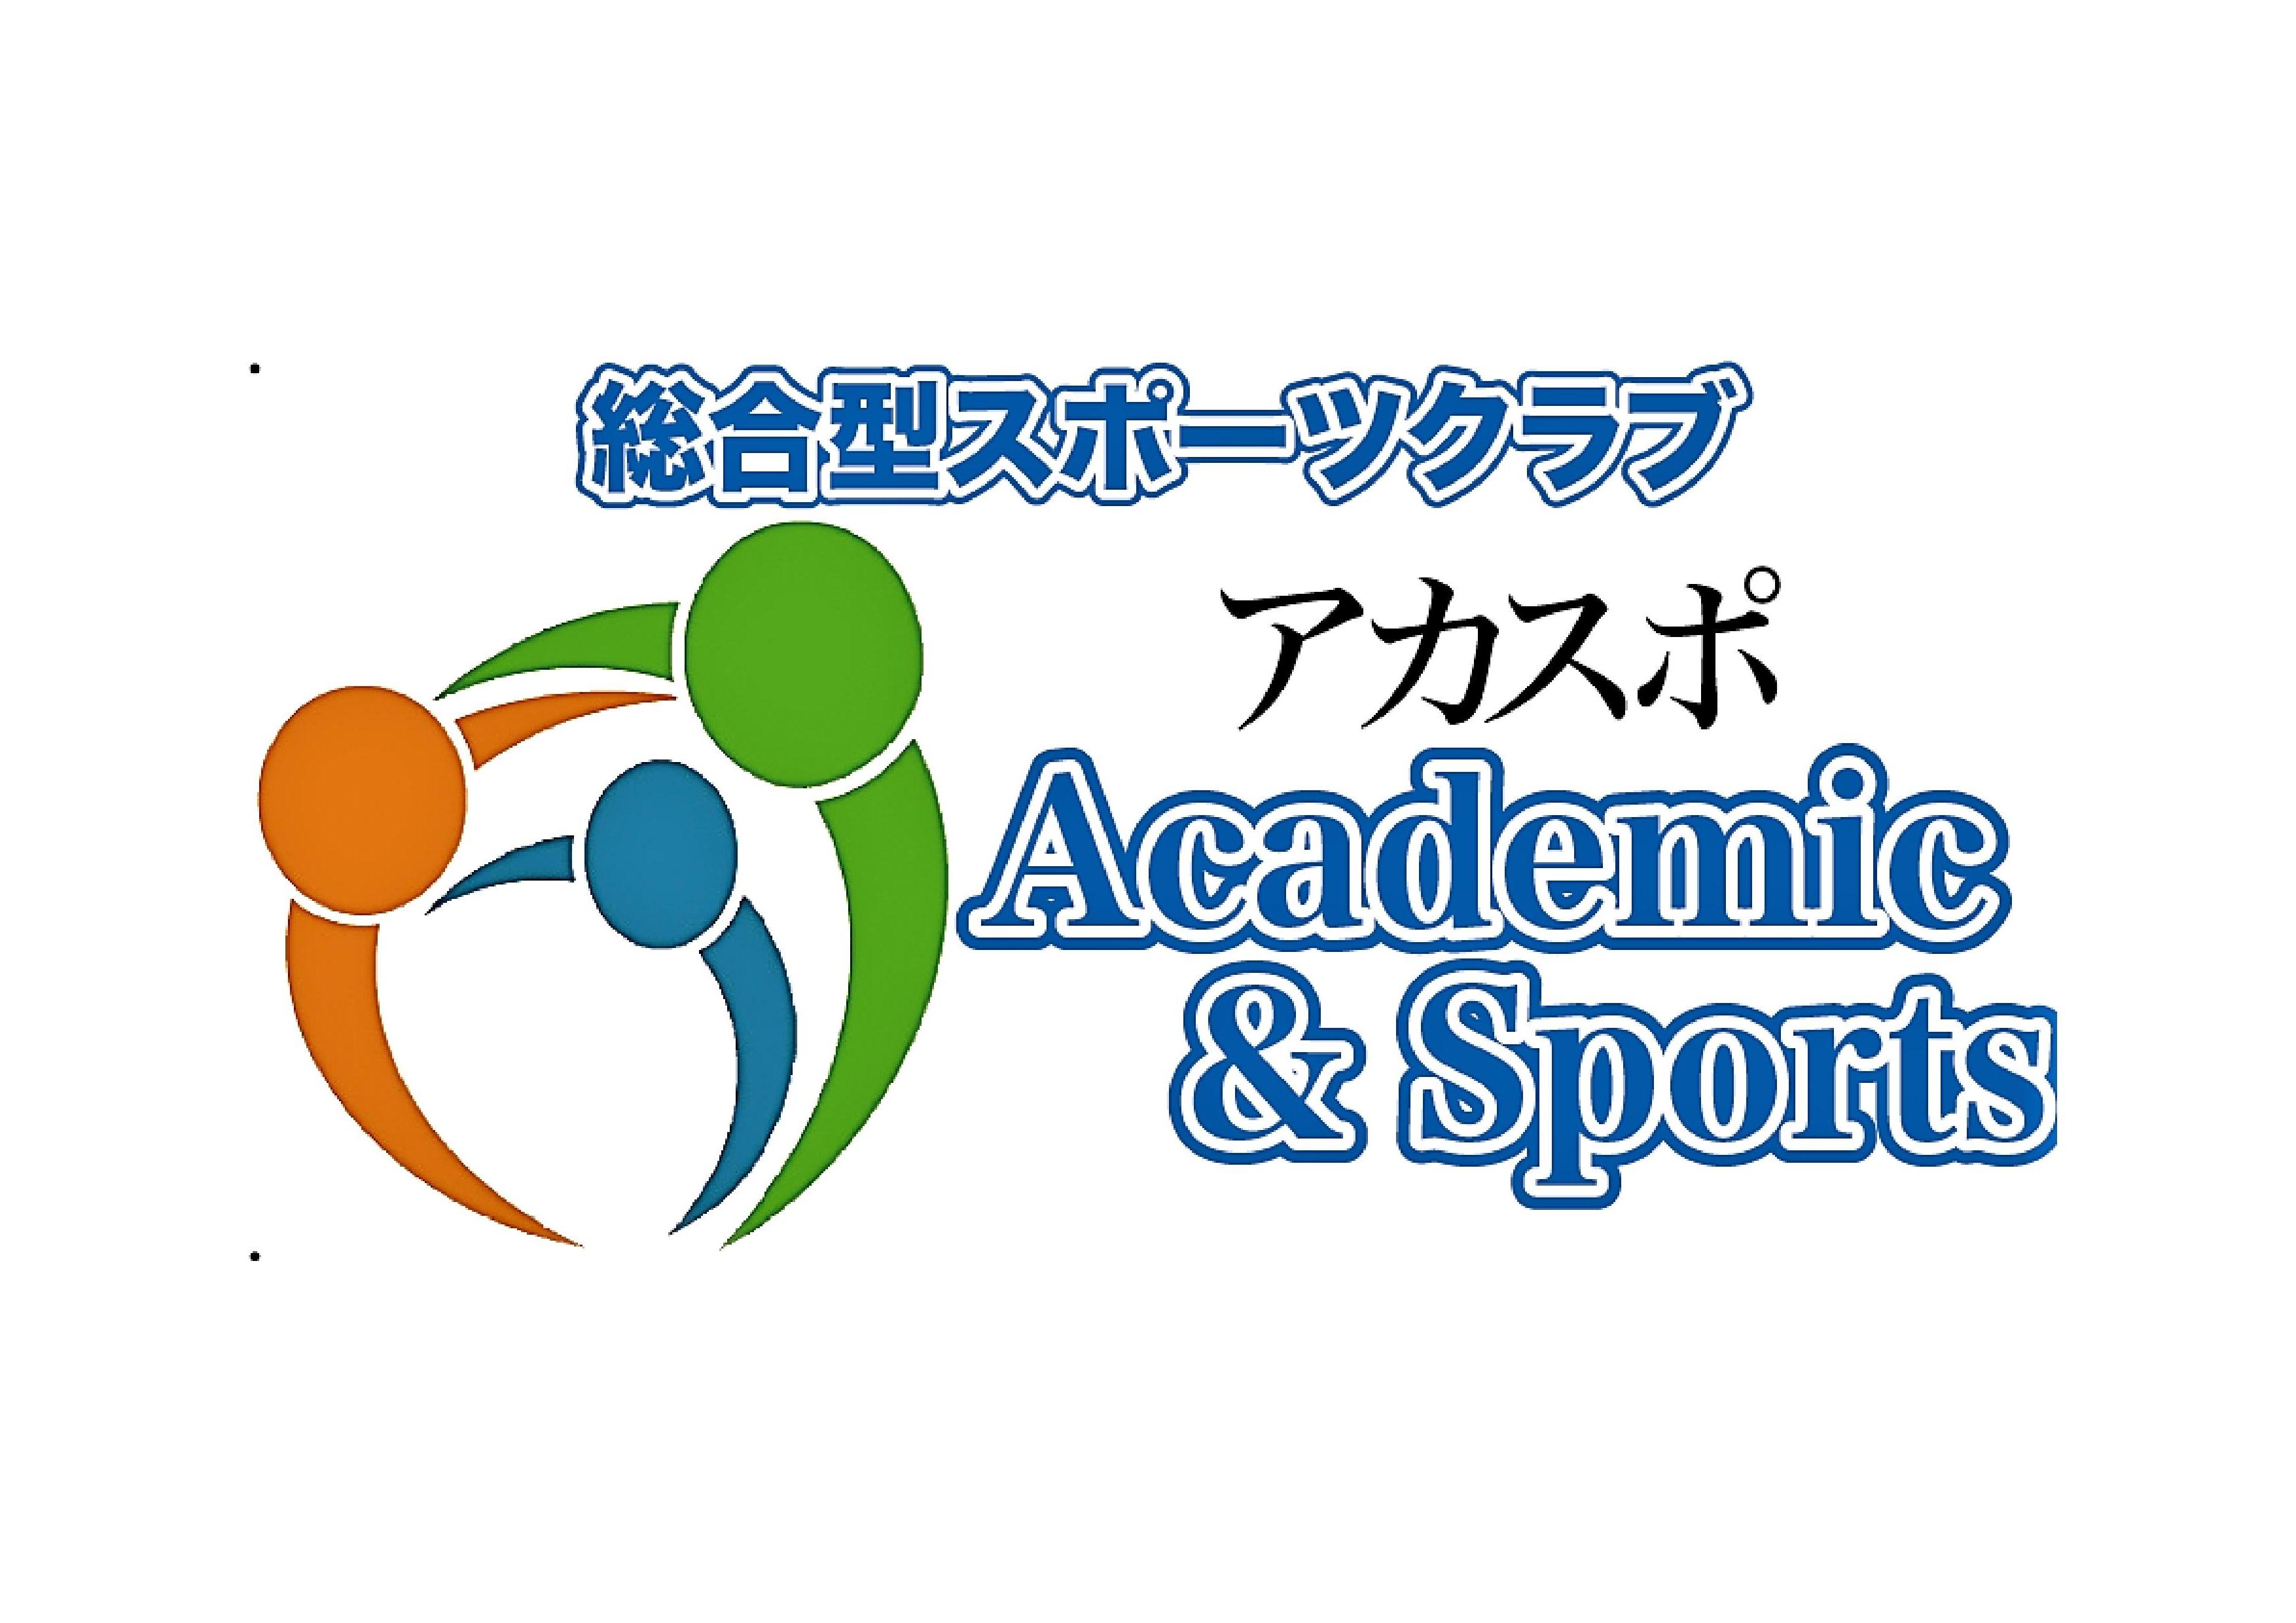 スポーツインストラクター募集(野球・サッカー・体操・陸上)